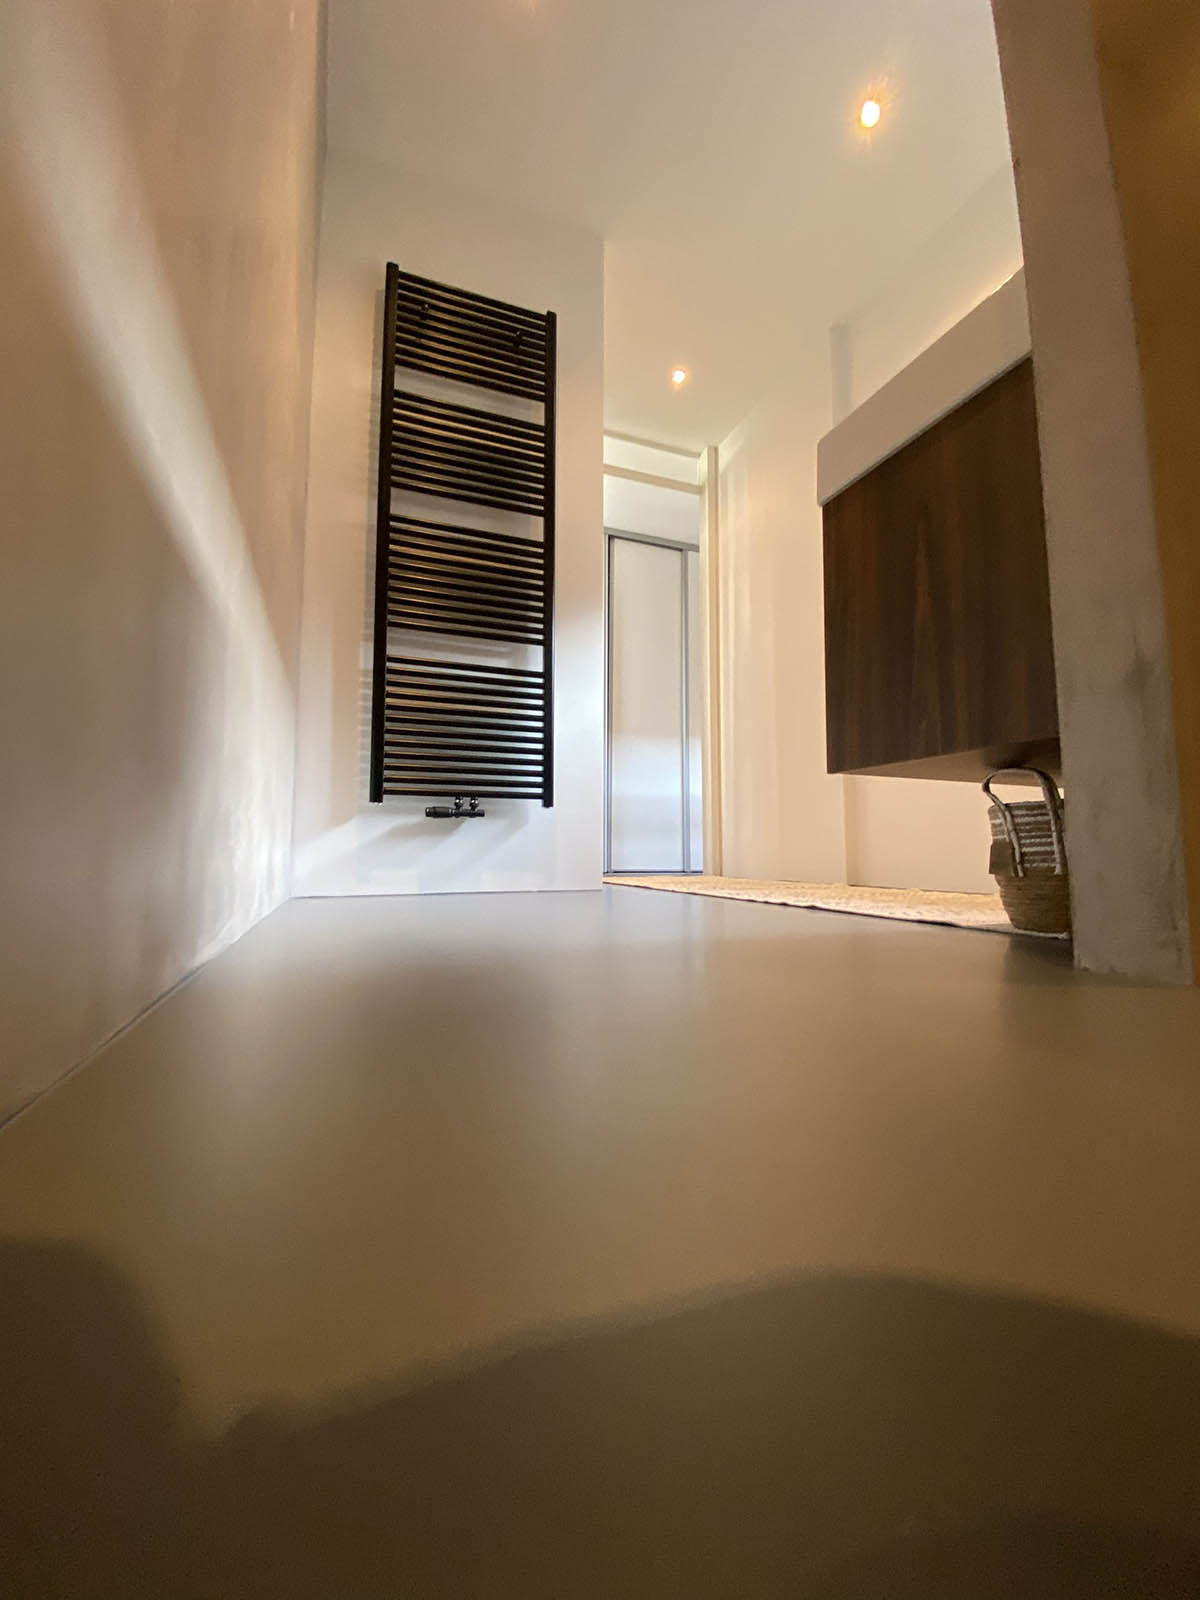 bvl gietvloeren, the art of living, gietvloer badkamer